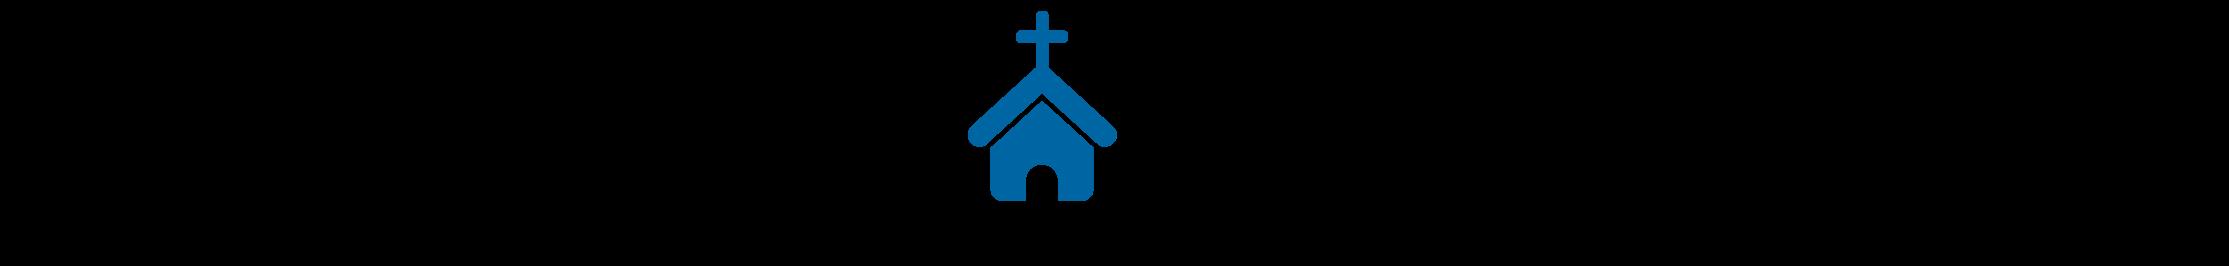 Plegarias y Oraciones